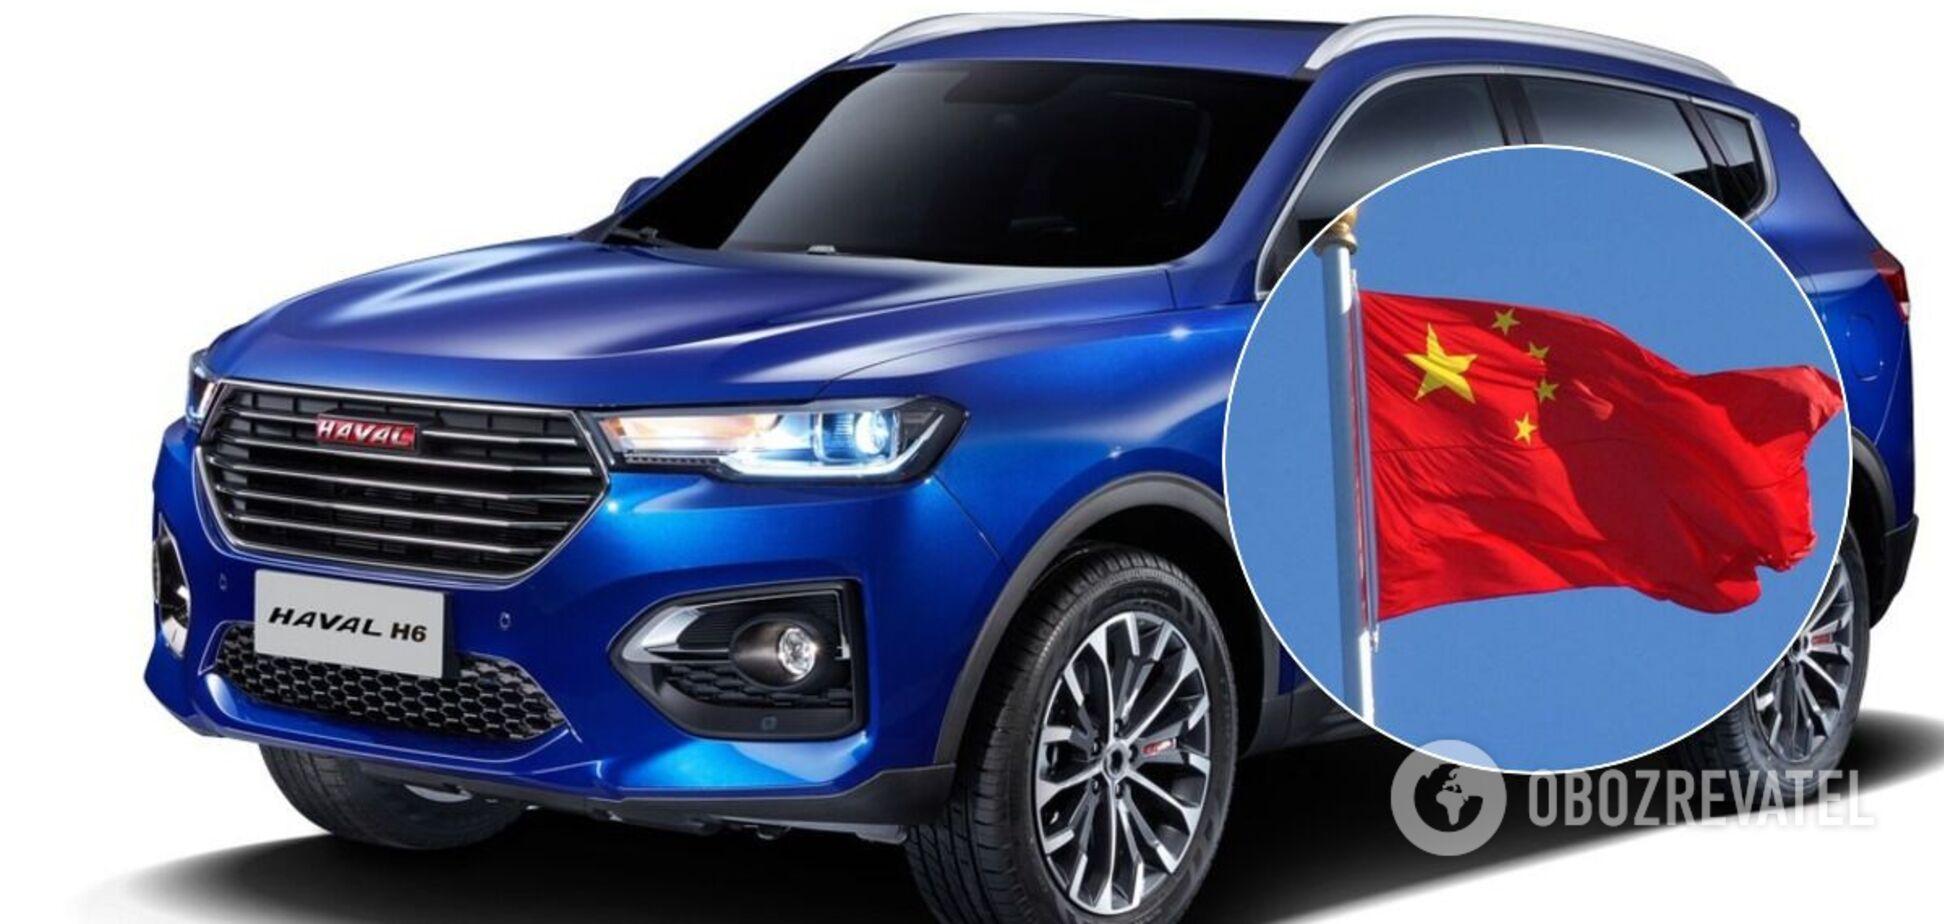 В Україні багато китайських машин на різний гаманець: є бюджетні седани, кросовери та навіть пікапи